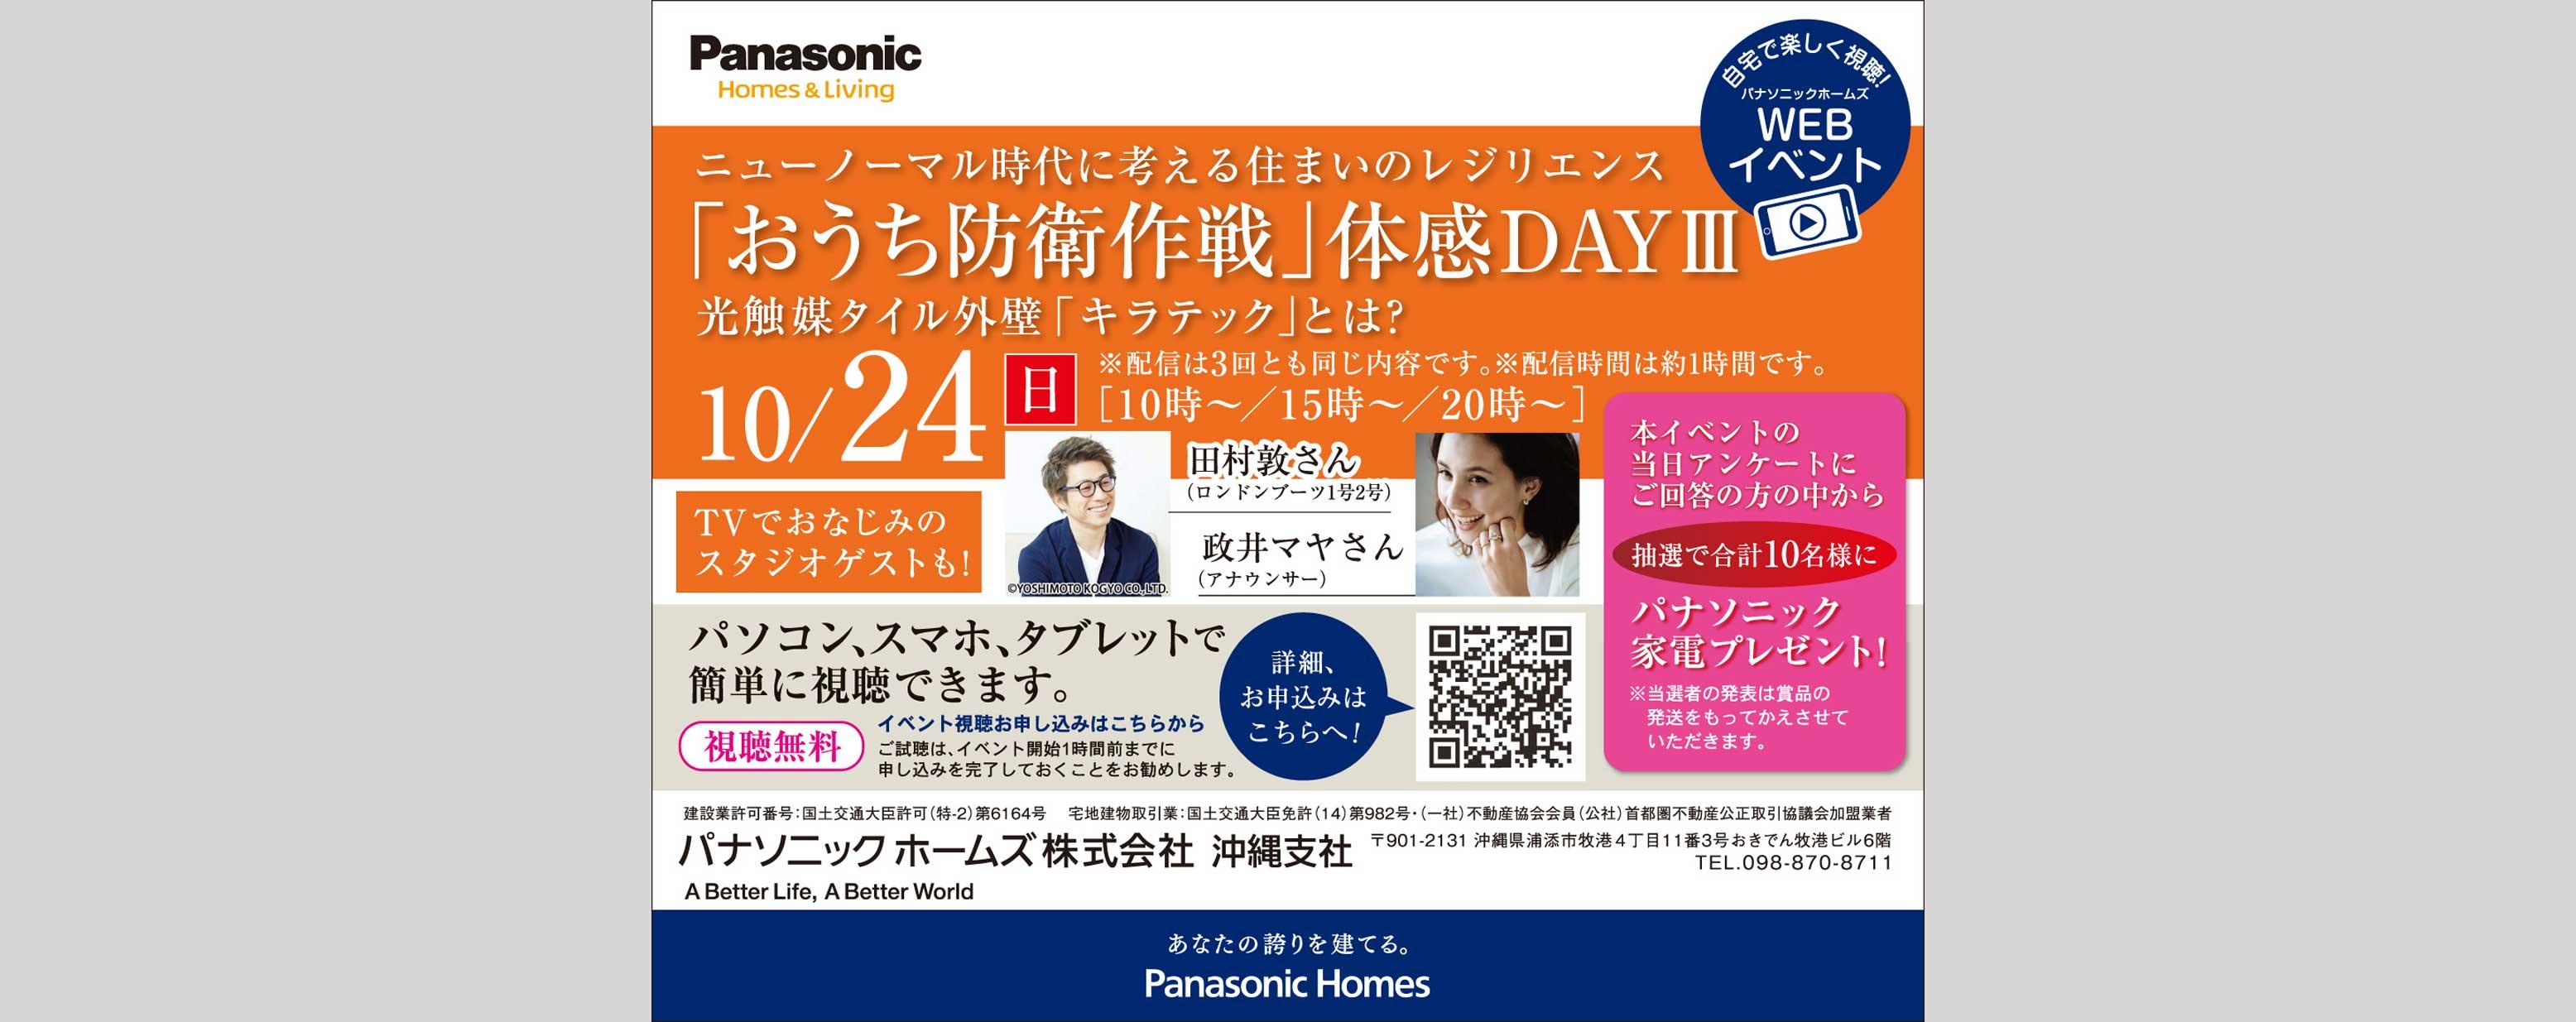 10/24に「おうち防衛作戦」体感DAYⅢ開催 パナソニックホームズ株式会社 沖縄支社